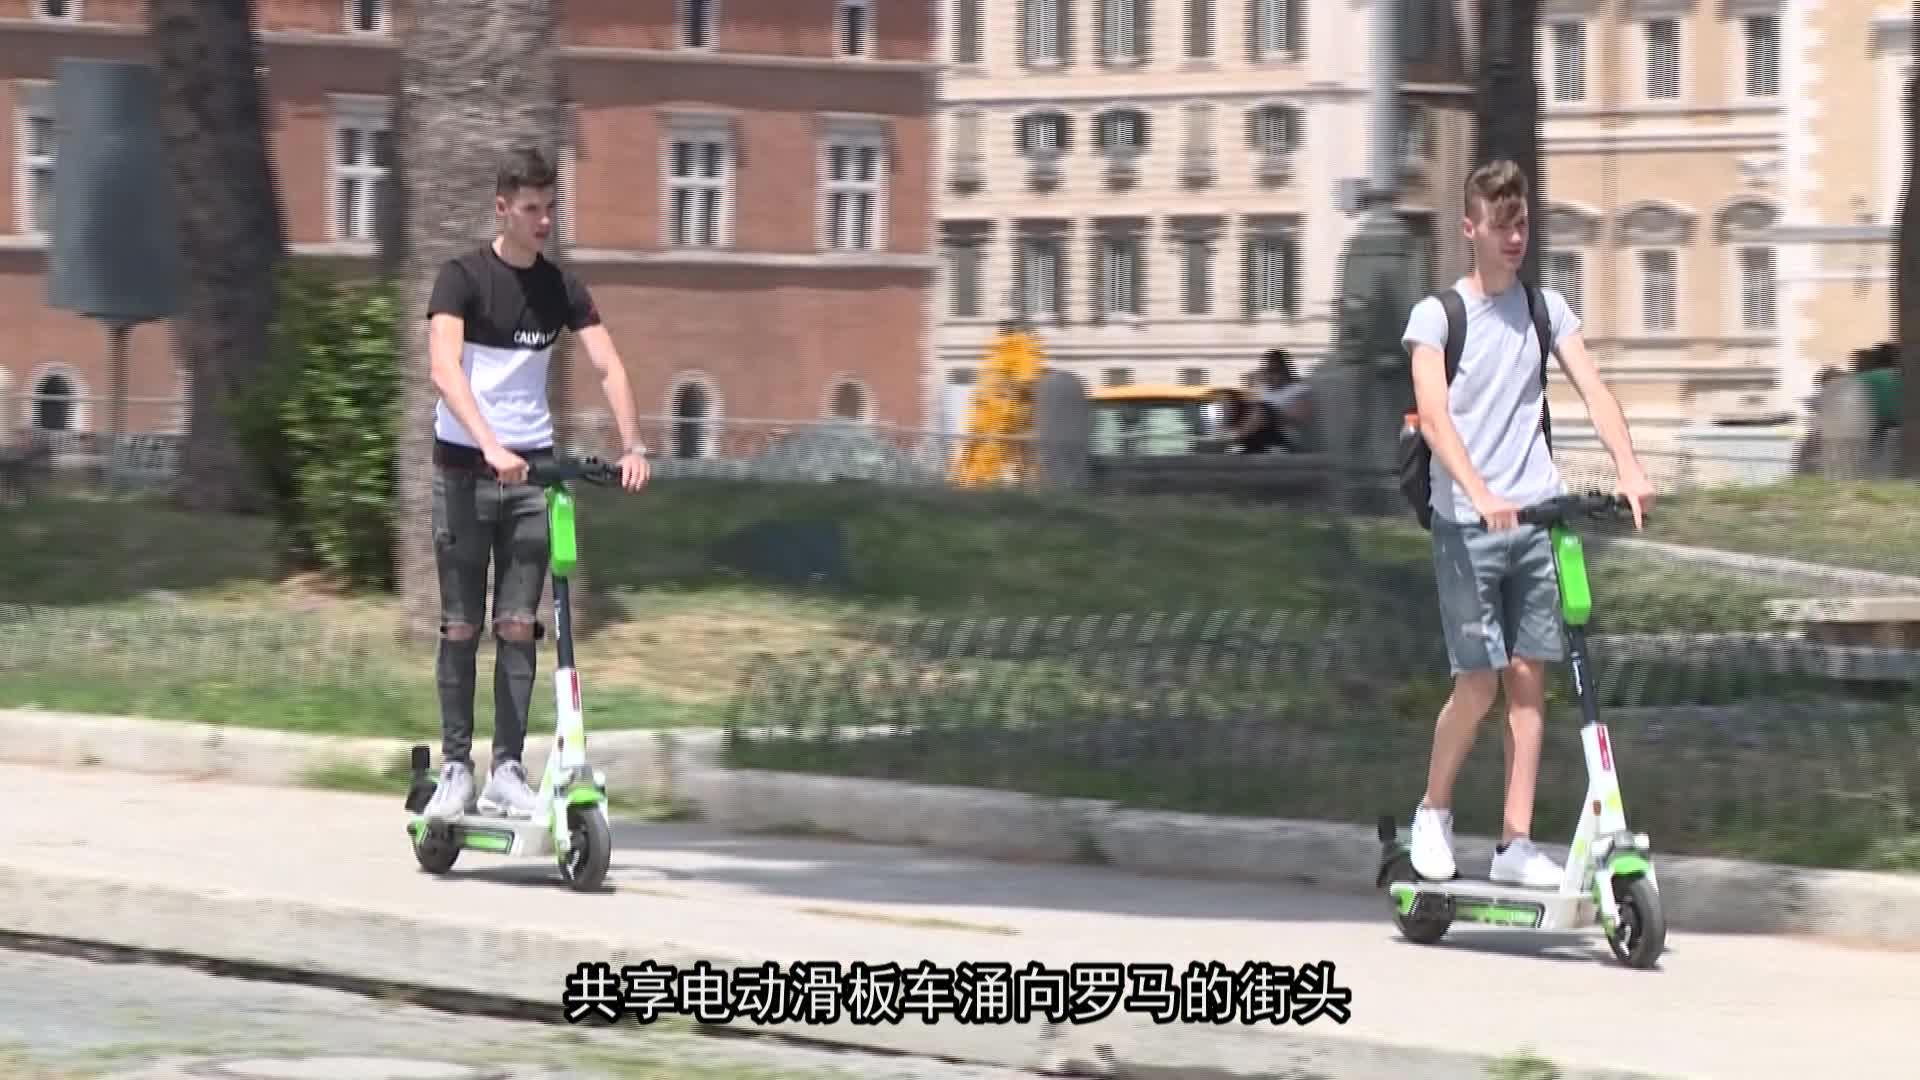 共享电动滑板车涌向罗马的街头